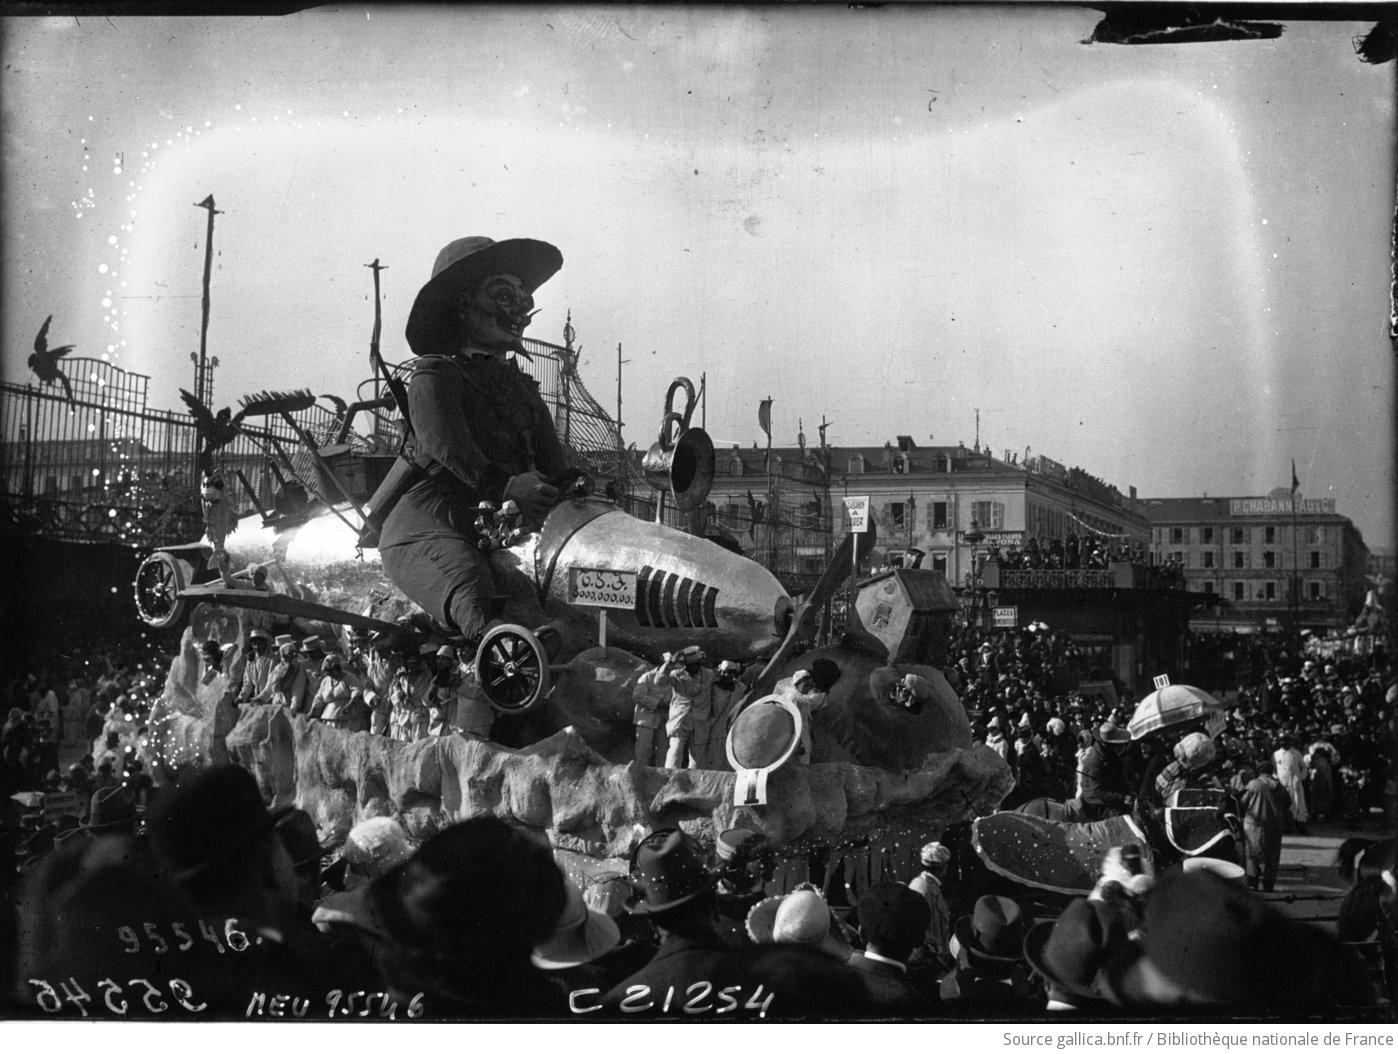 Le Carnaval de Nice : un char